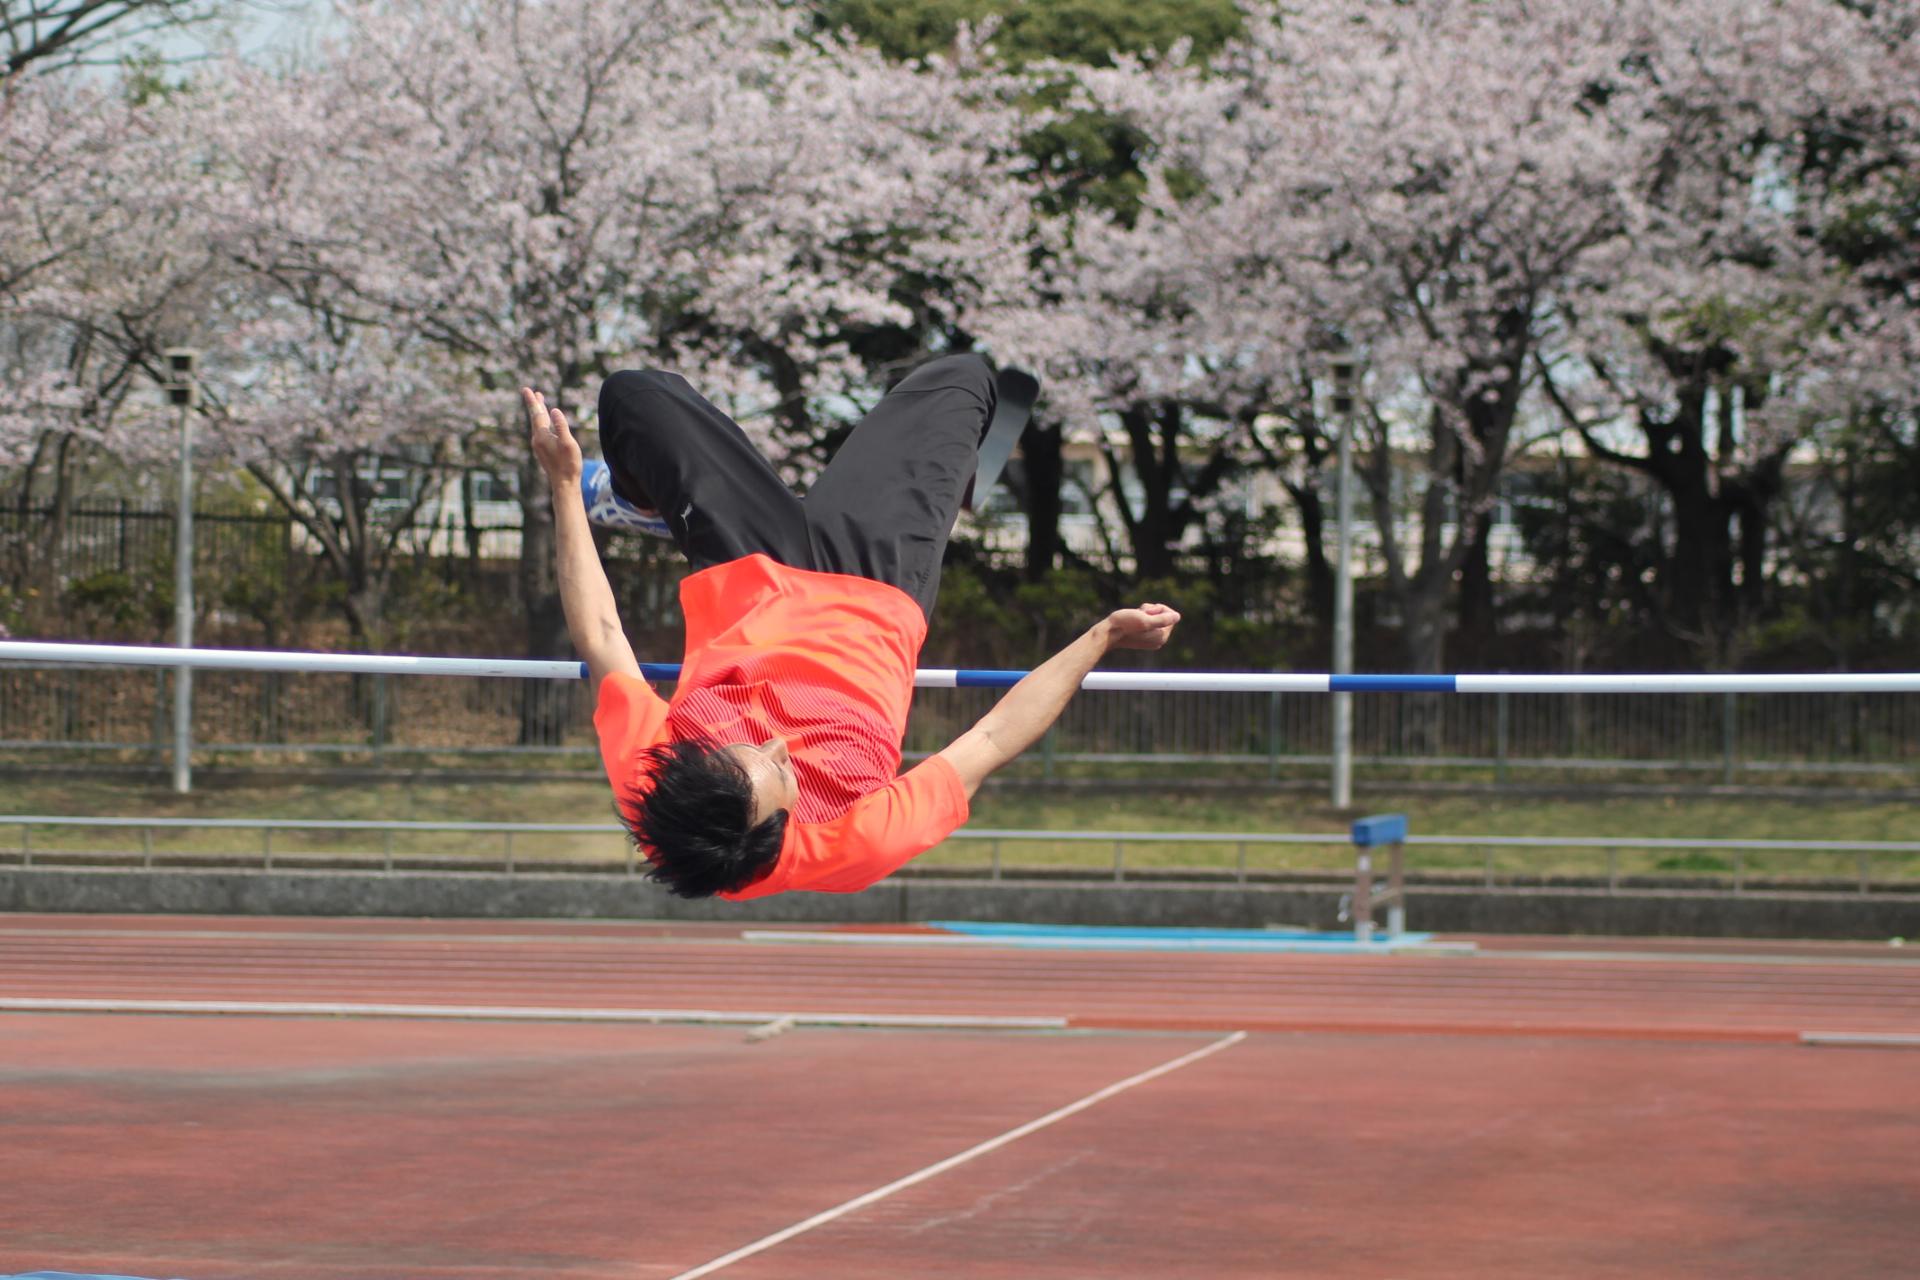 義足の高飛び2メートルジャンパー・鈴木徹の背面跳び